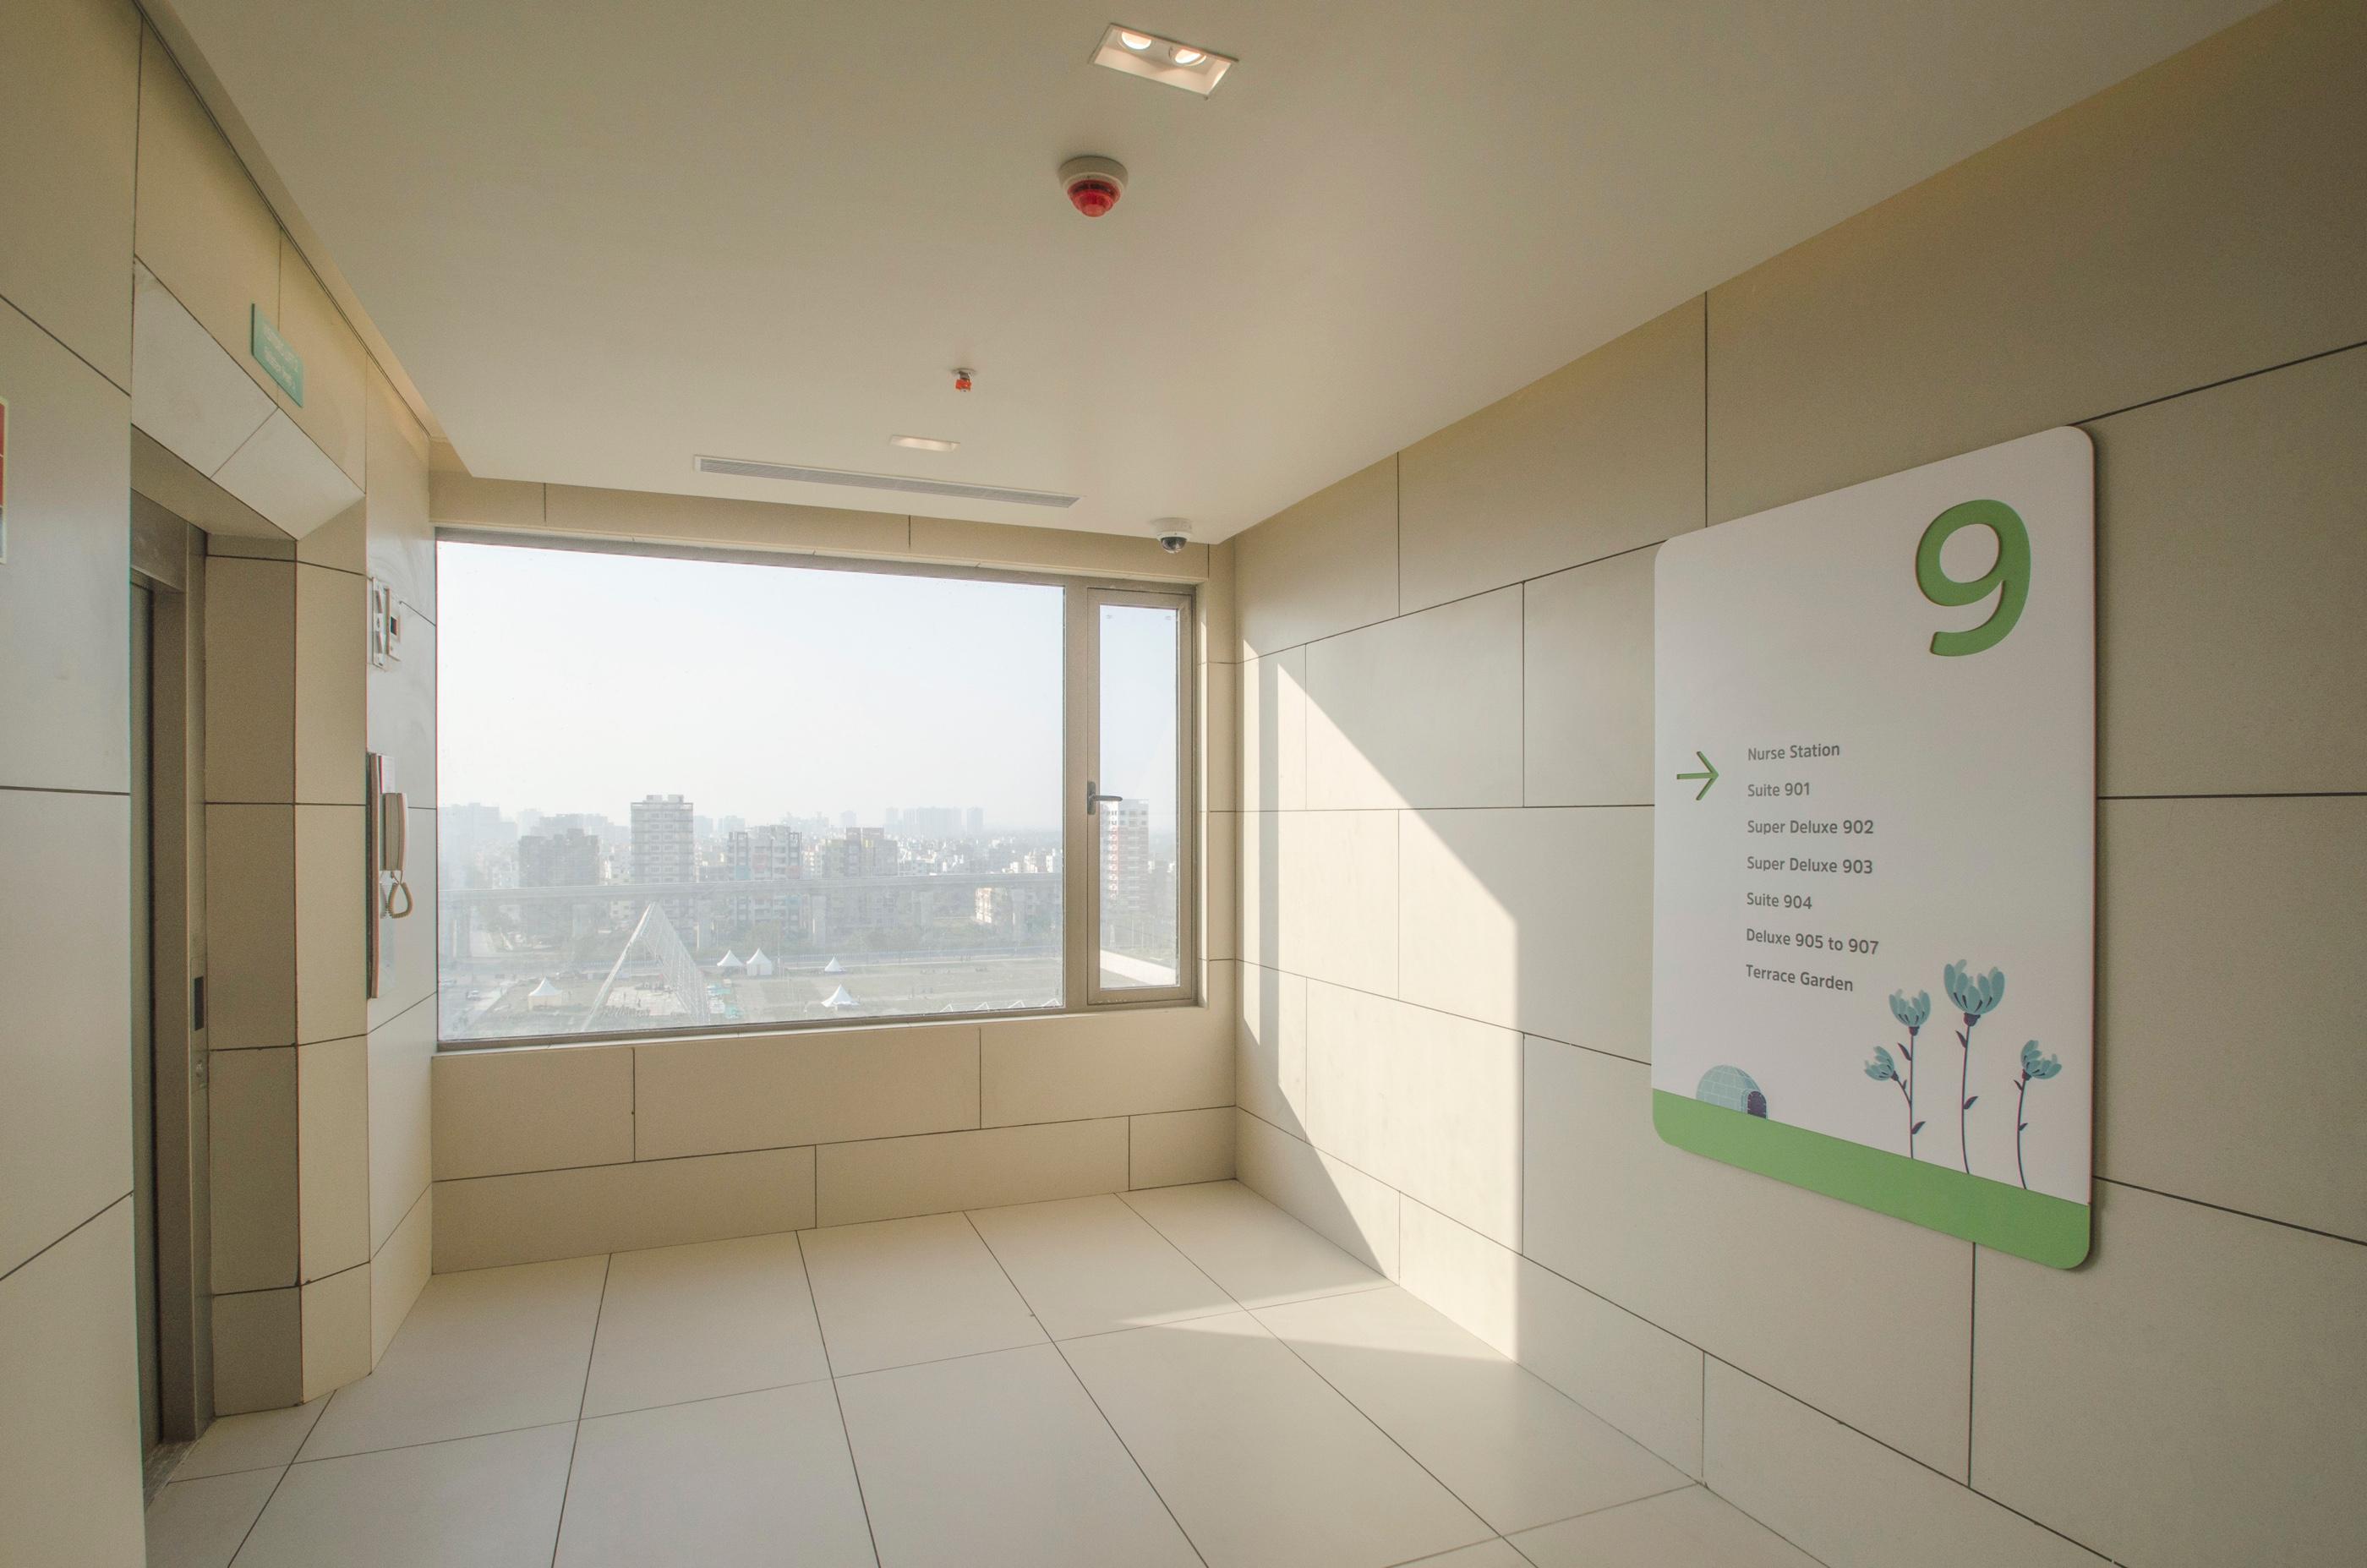 9th-floor-visitors-lift-area